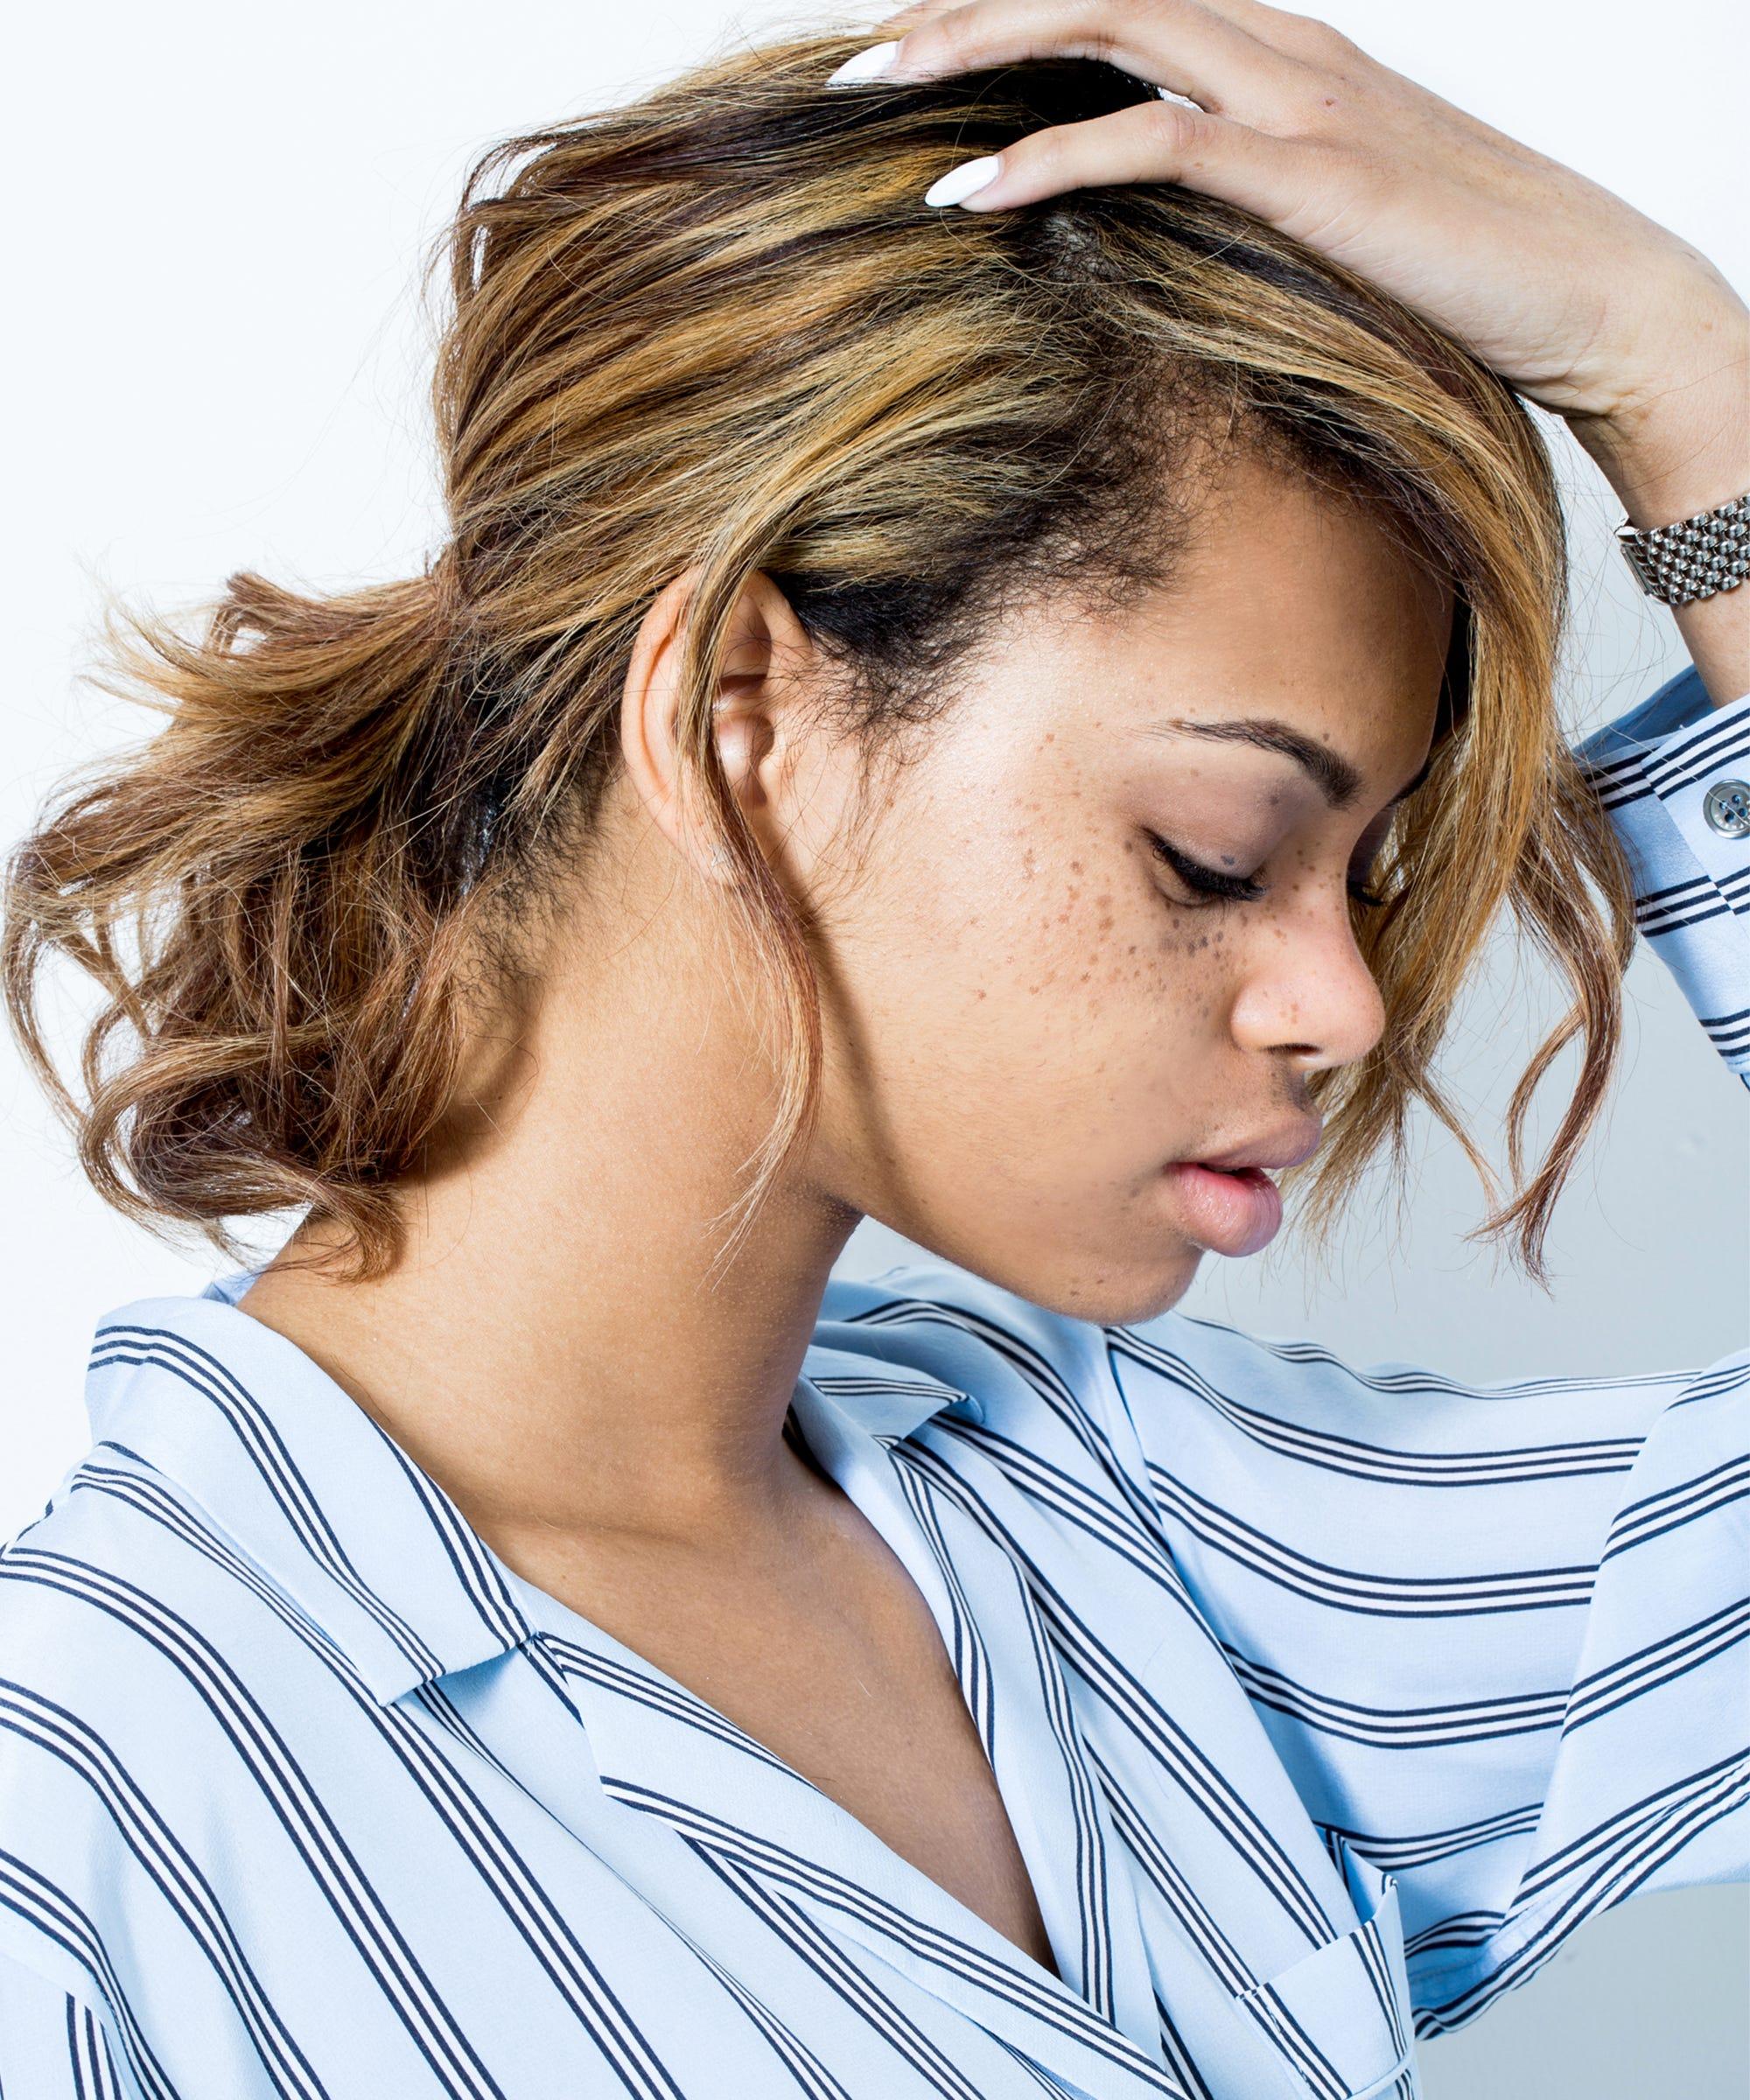 Haarfarbe zu dunkel hausmittel